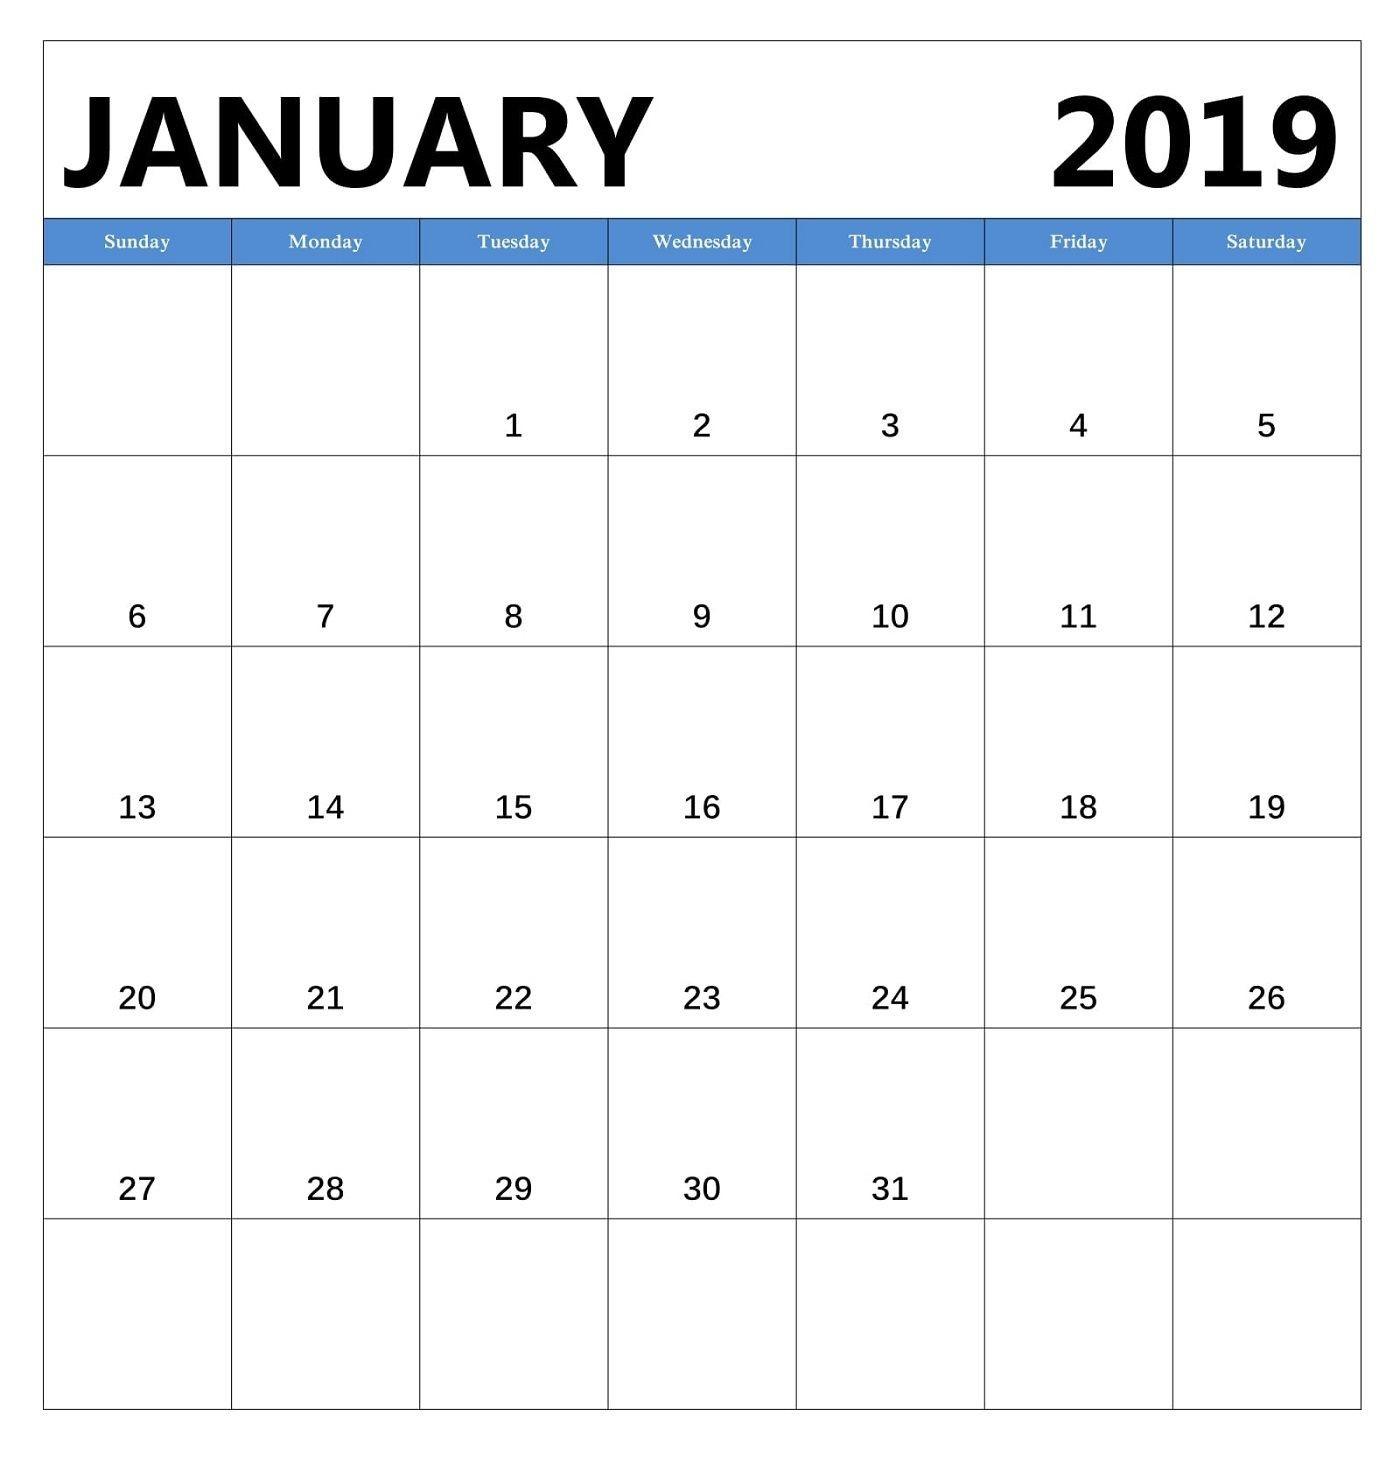 January 2019 Monthly Calendar Editable January2019Calendar January2019 CalendarJanuary2019 2019JanuaryCalendar